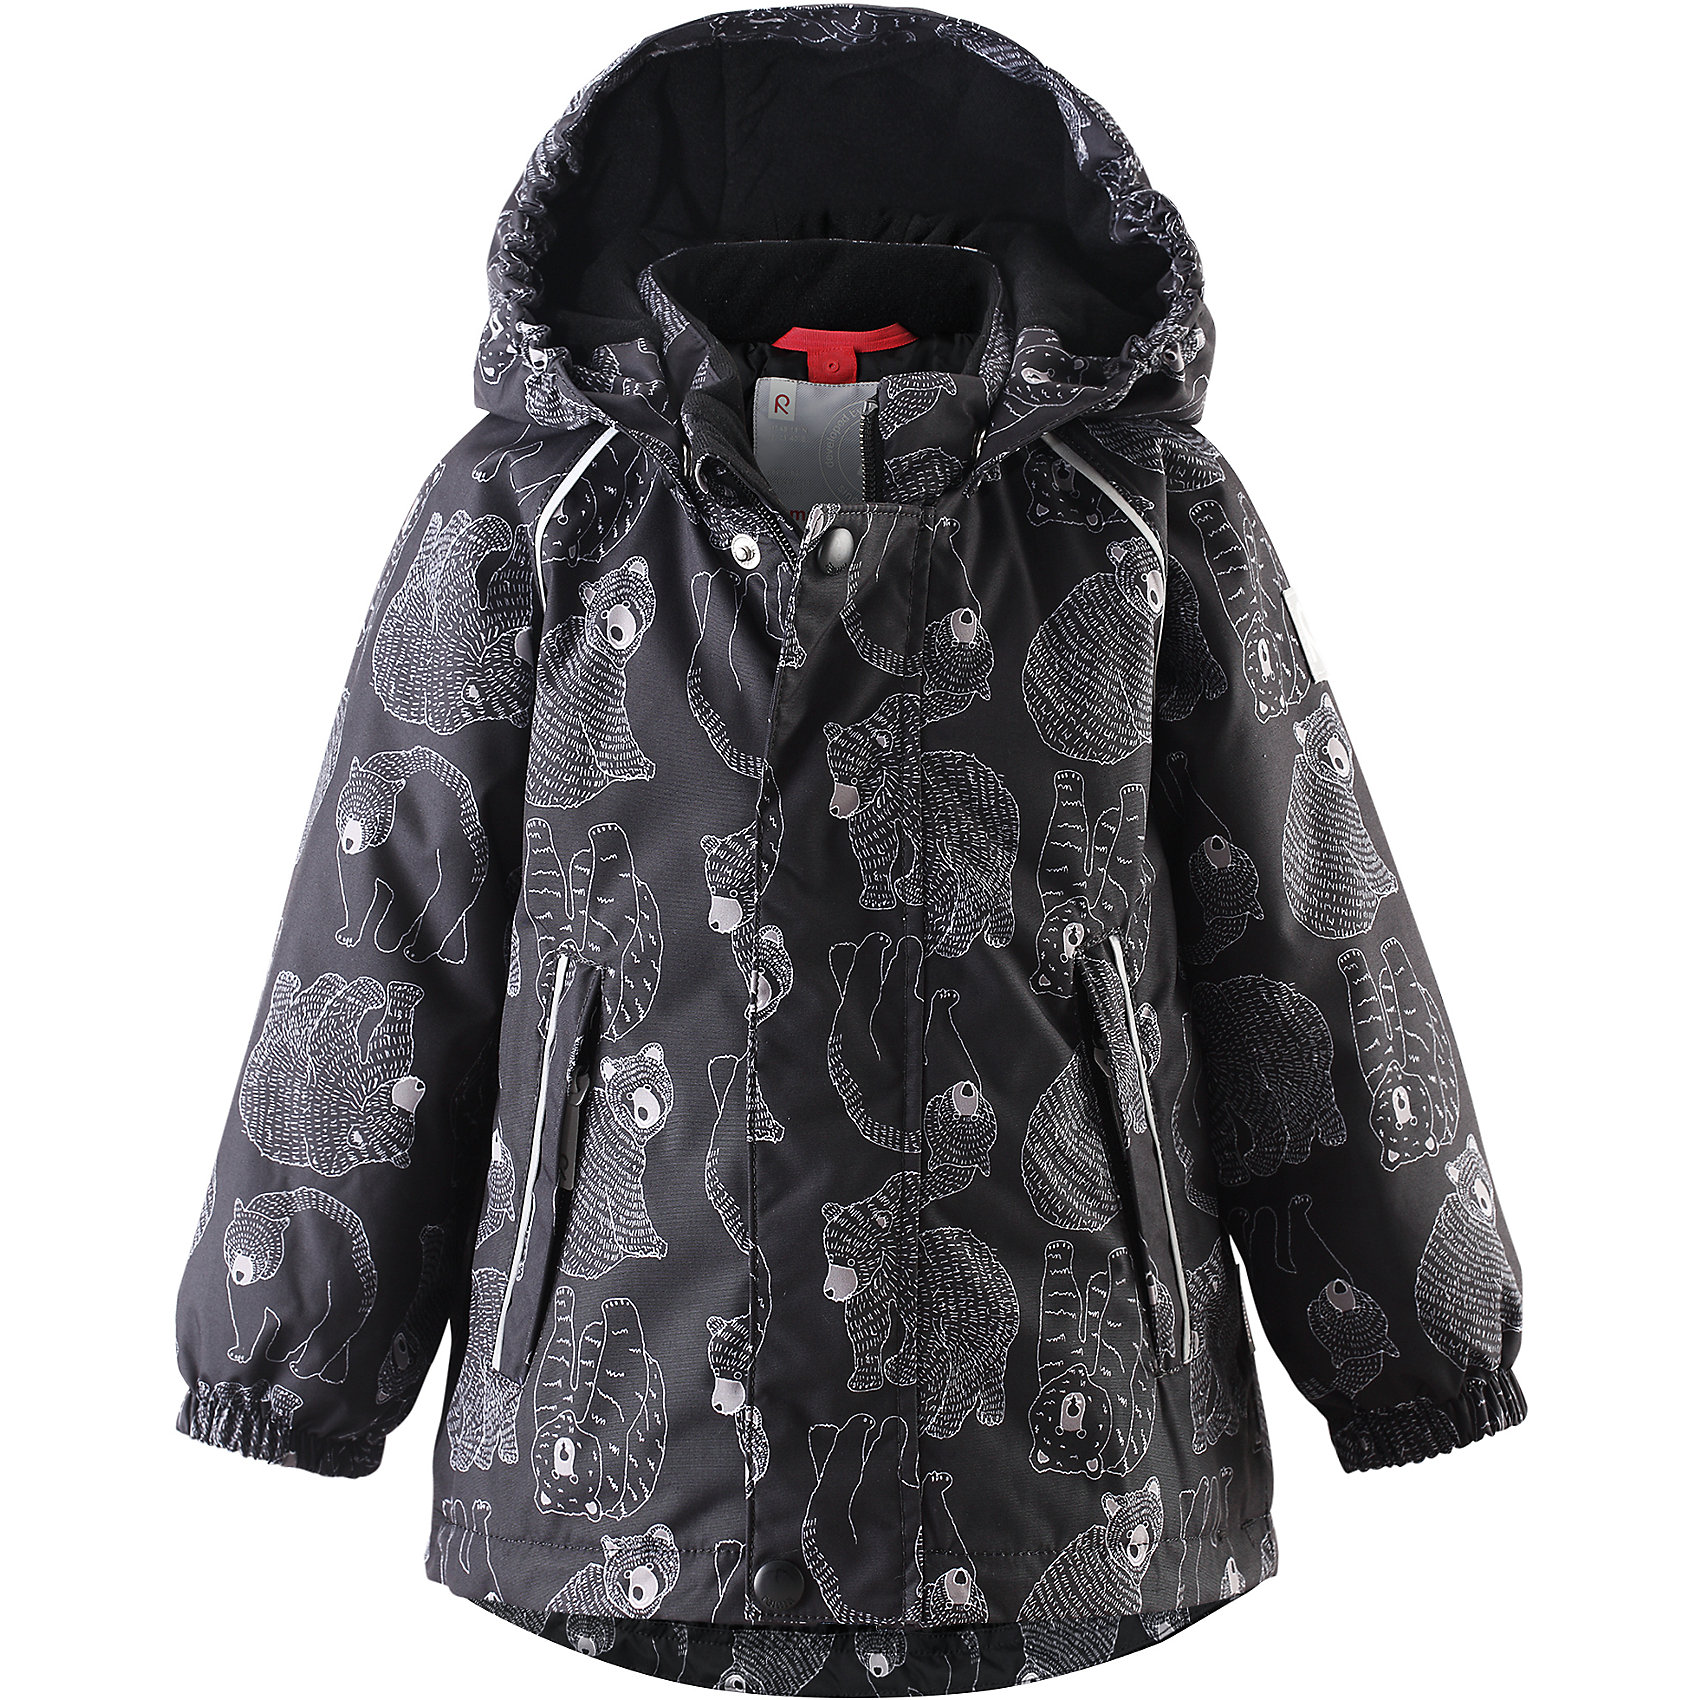 Куртка Bjorn Reimatec® ReimaОдежда<br>Куртка от финского бренда Reimatec® Reima.<br>Зимняя куртка для малышей. Все швы проклеены и водонепроницаемы. Водо- и ветронепроницаемый, «дышащий» и грязеотталкивающий материал. Гладкая подкладка из полиэстра. Безопасный, отстегивающийся и регулируемый капюшон. Эластичные манжеты. Регулируемый подол. Два кармана на молнии. Принт по всей поверхности. Безопасные светоотражающие детали.<br>Рекомендация по уходу:<br>Стирать по отдельности, вывернув наизнанку. Застегнуть молнии и липучки. Стирать моющим средством, не содержащим отбеливающие вещества. Полоскать без специального средства. Во избежание изменения цвета изделие необходимо вынуть из стиральной машинки незамедлительно после окончания программы стирки. Можно сушить в сушильном шкафу или центрифуге (макс. 40° C).<br>Состав:<br>100% ПЭ, ПУ-покрытие<br>Вес утеплителя:160 g<br><br>Ширина мм: 356<br>Глубина мм: 10<br>Высота мм: 245<br>Вес г: 519<br>Цвет: черный<br>Возраст от месяцев: 6<br>Возраст до месяцев: 9<br>Пол: Мужской<br>Возраст: Детский<br>Размер: 74,92,98,80,86<br>SKU: 5086977